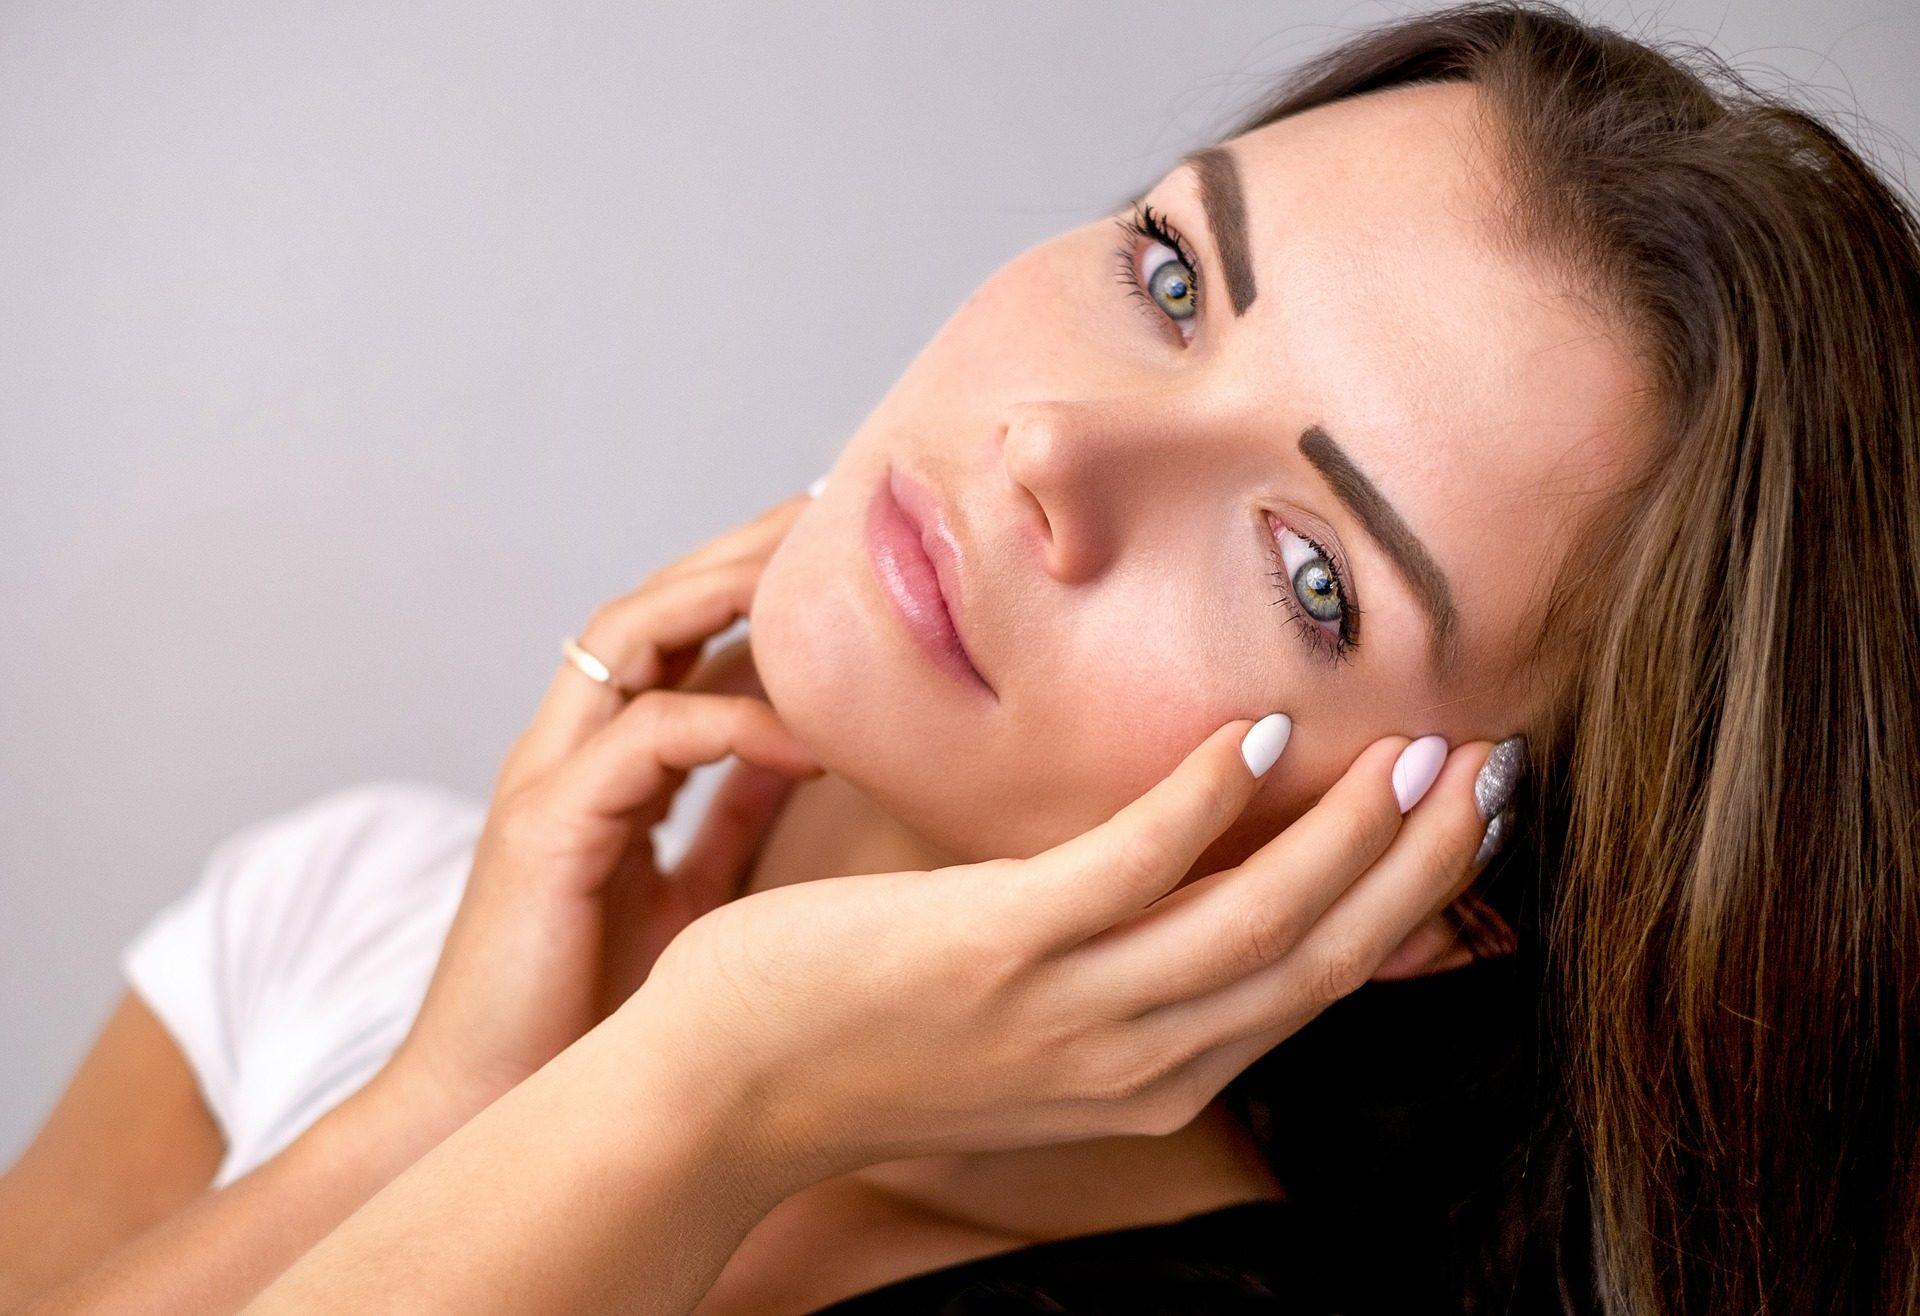 woman beauty great skin